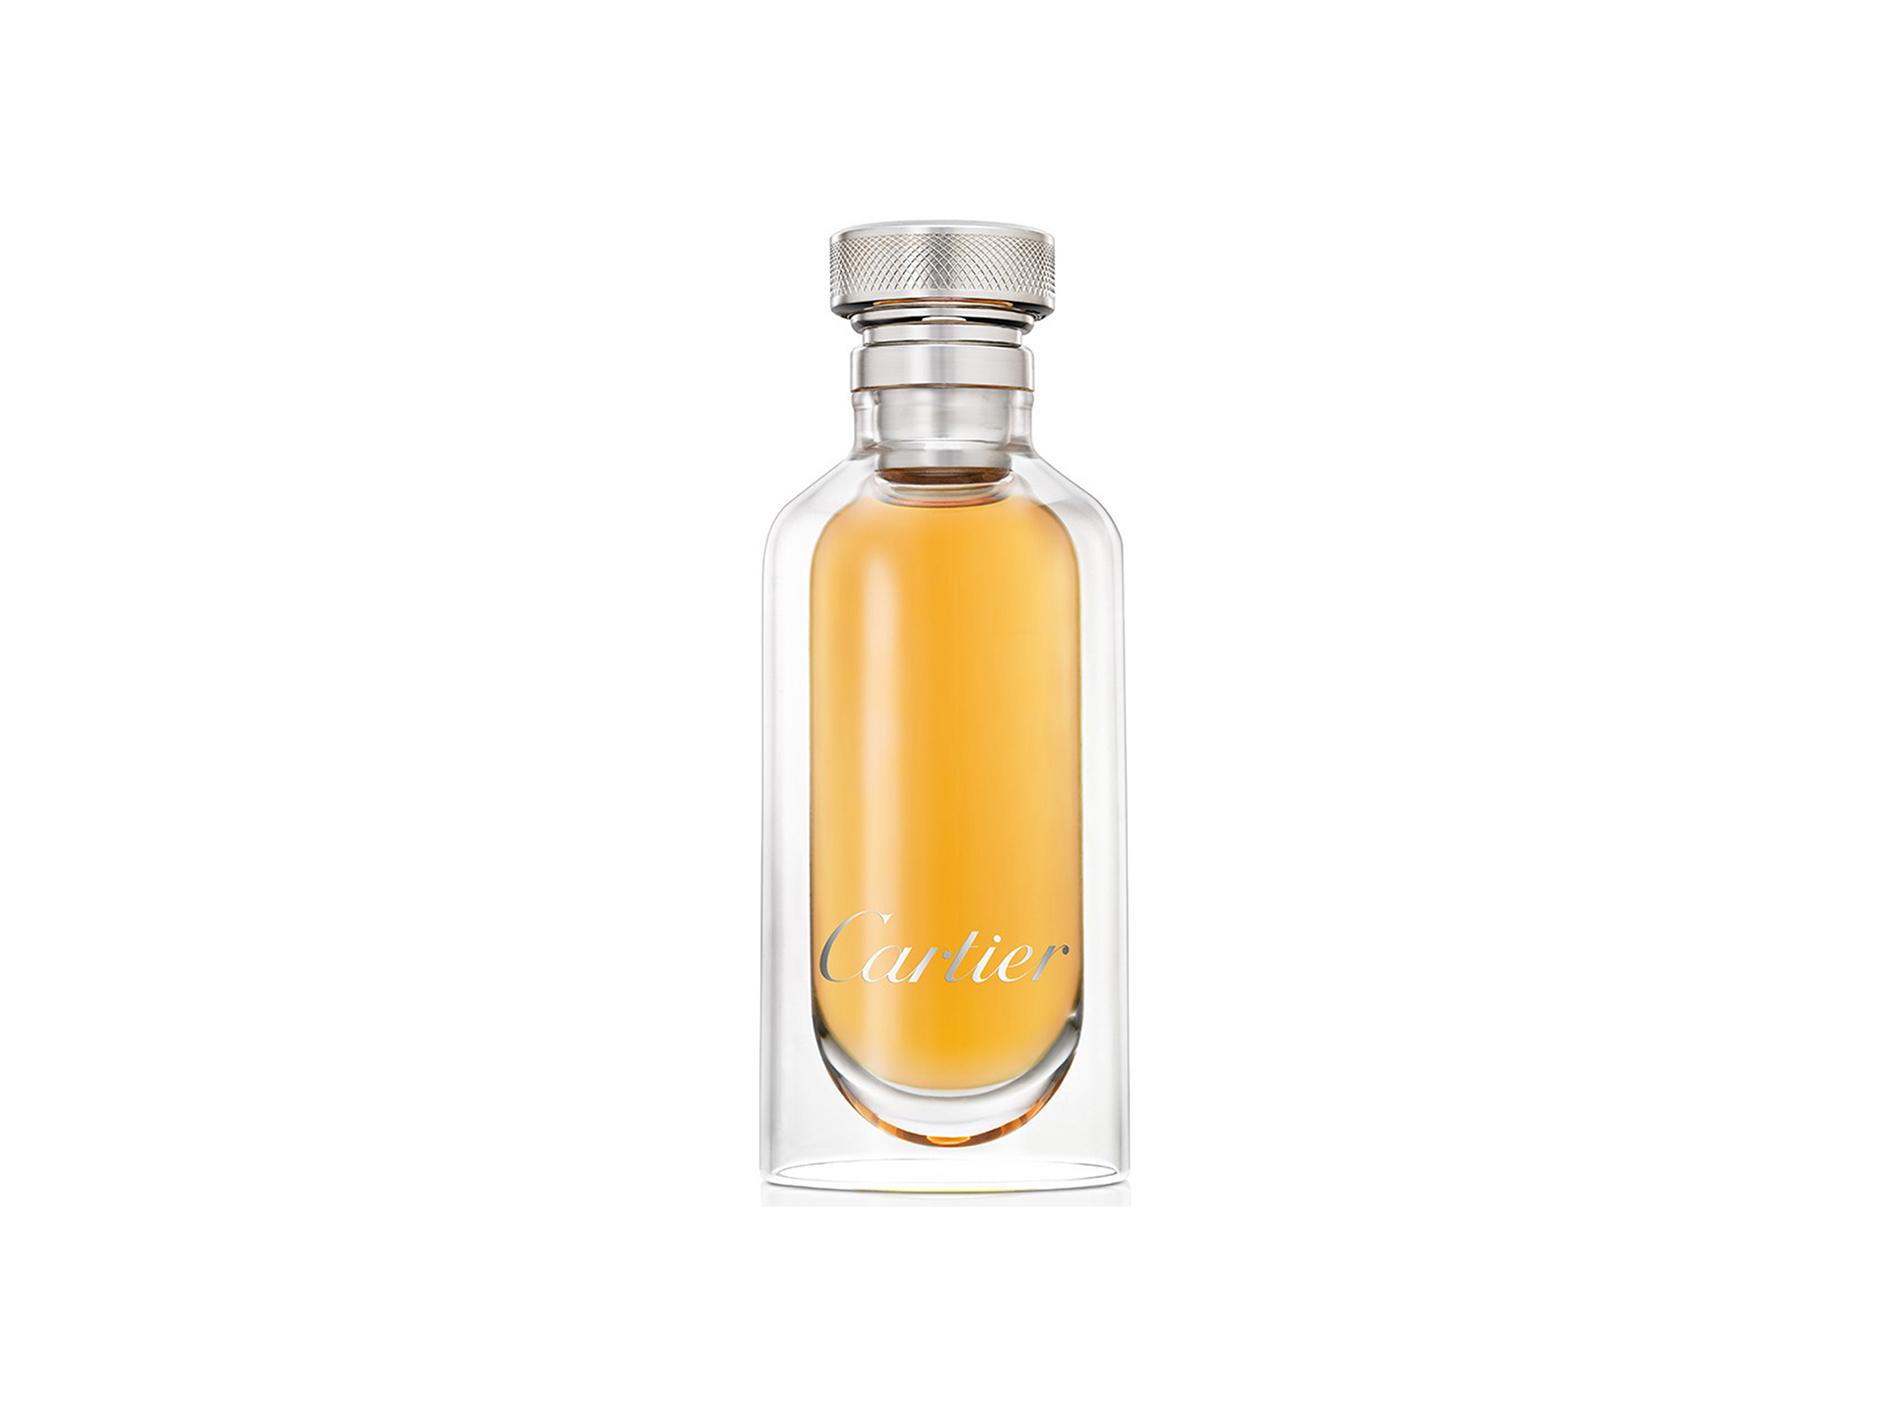 Cartier L'envol fragrance